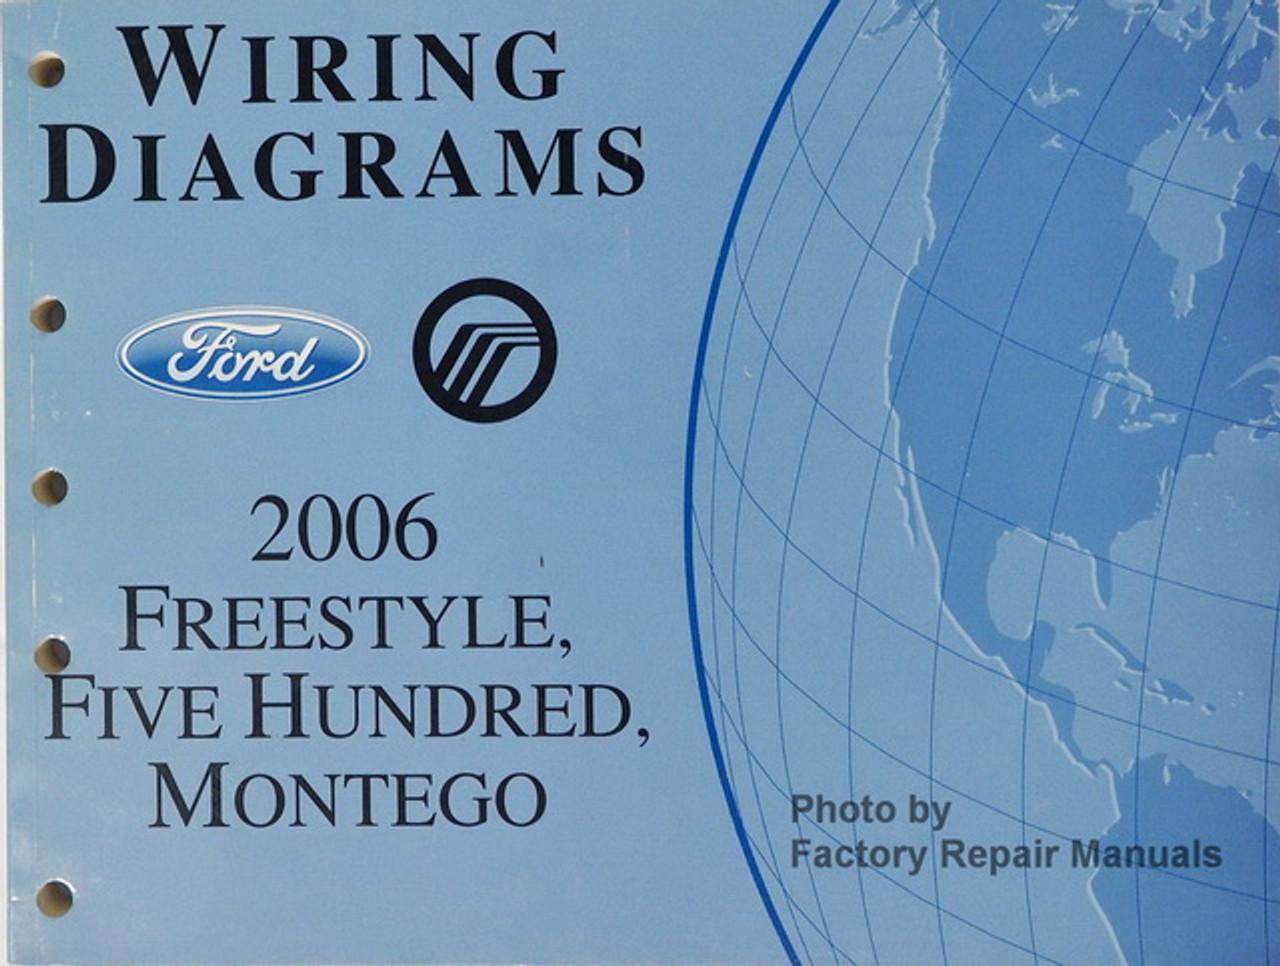 56 Mercury Wiring Diagram Get Free Image About Wiring Diagram